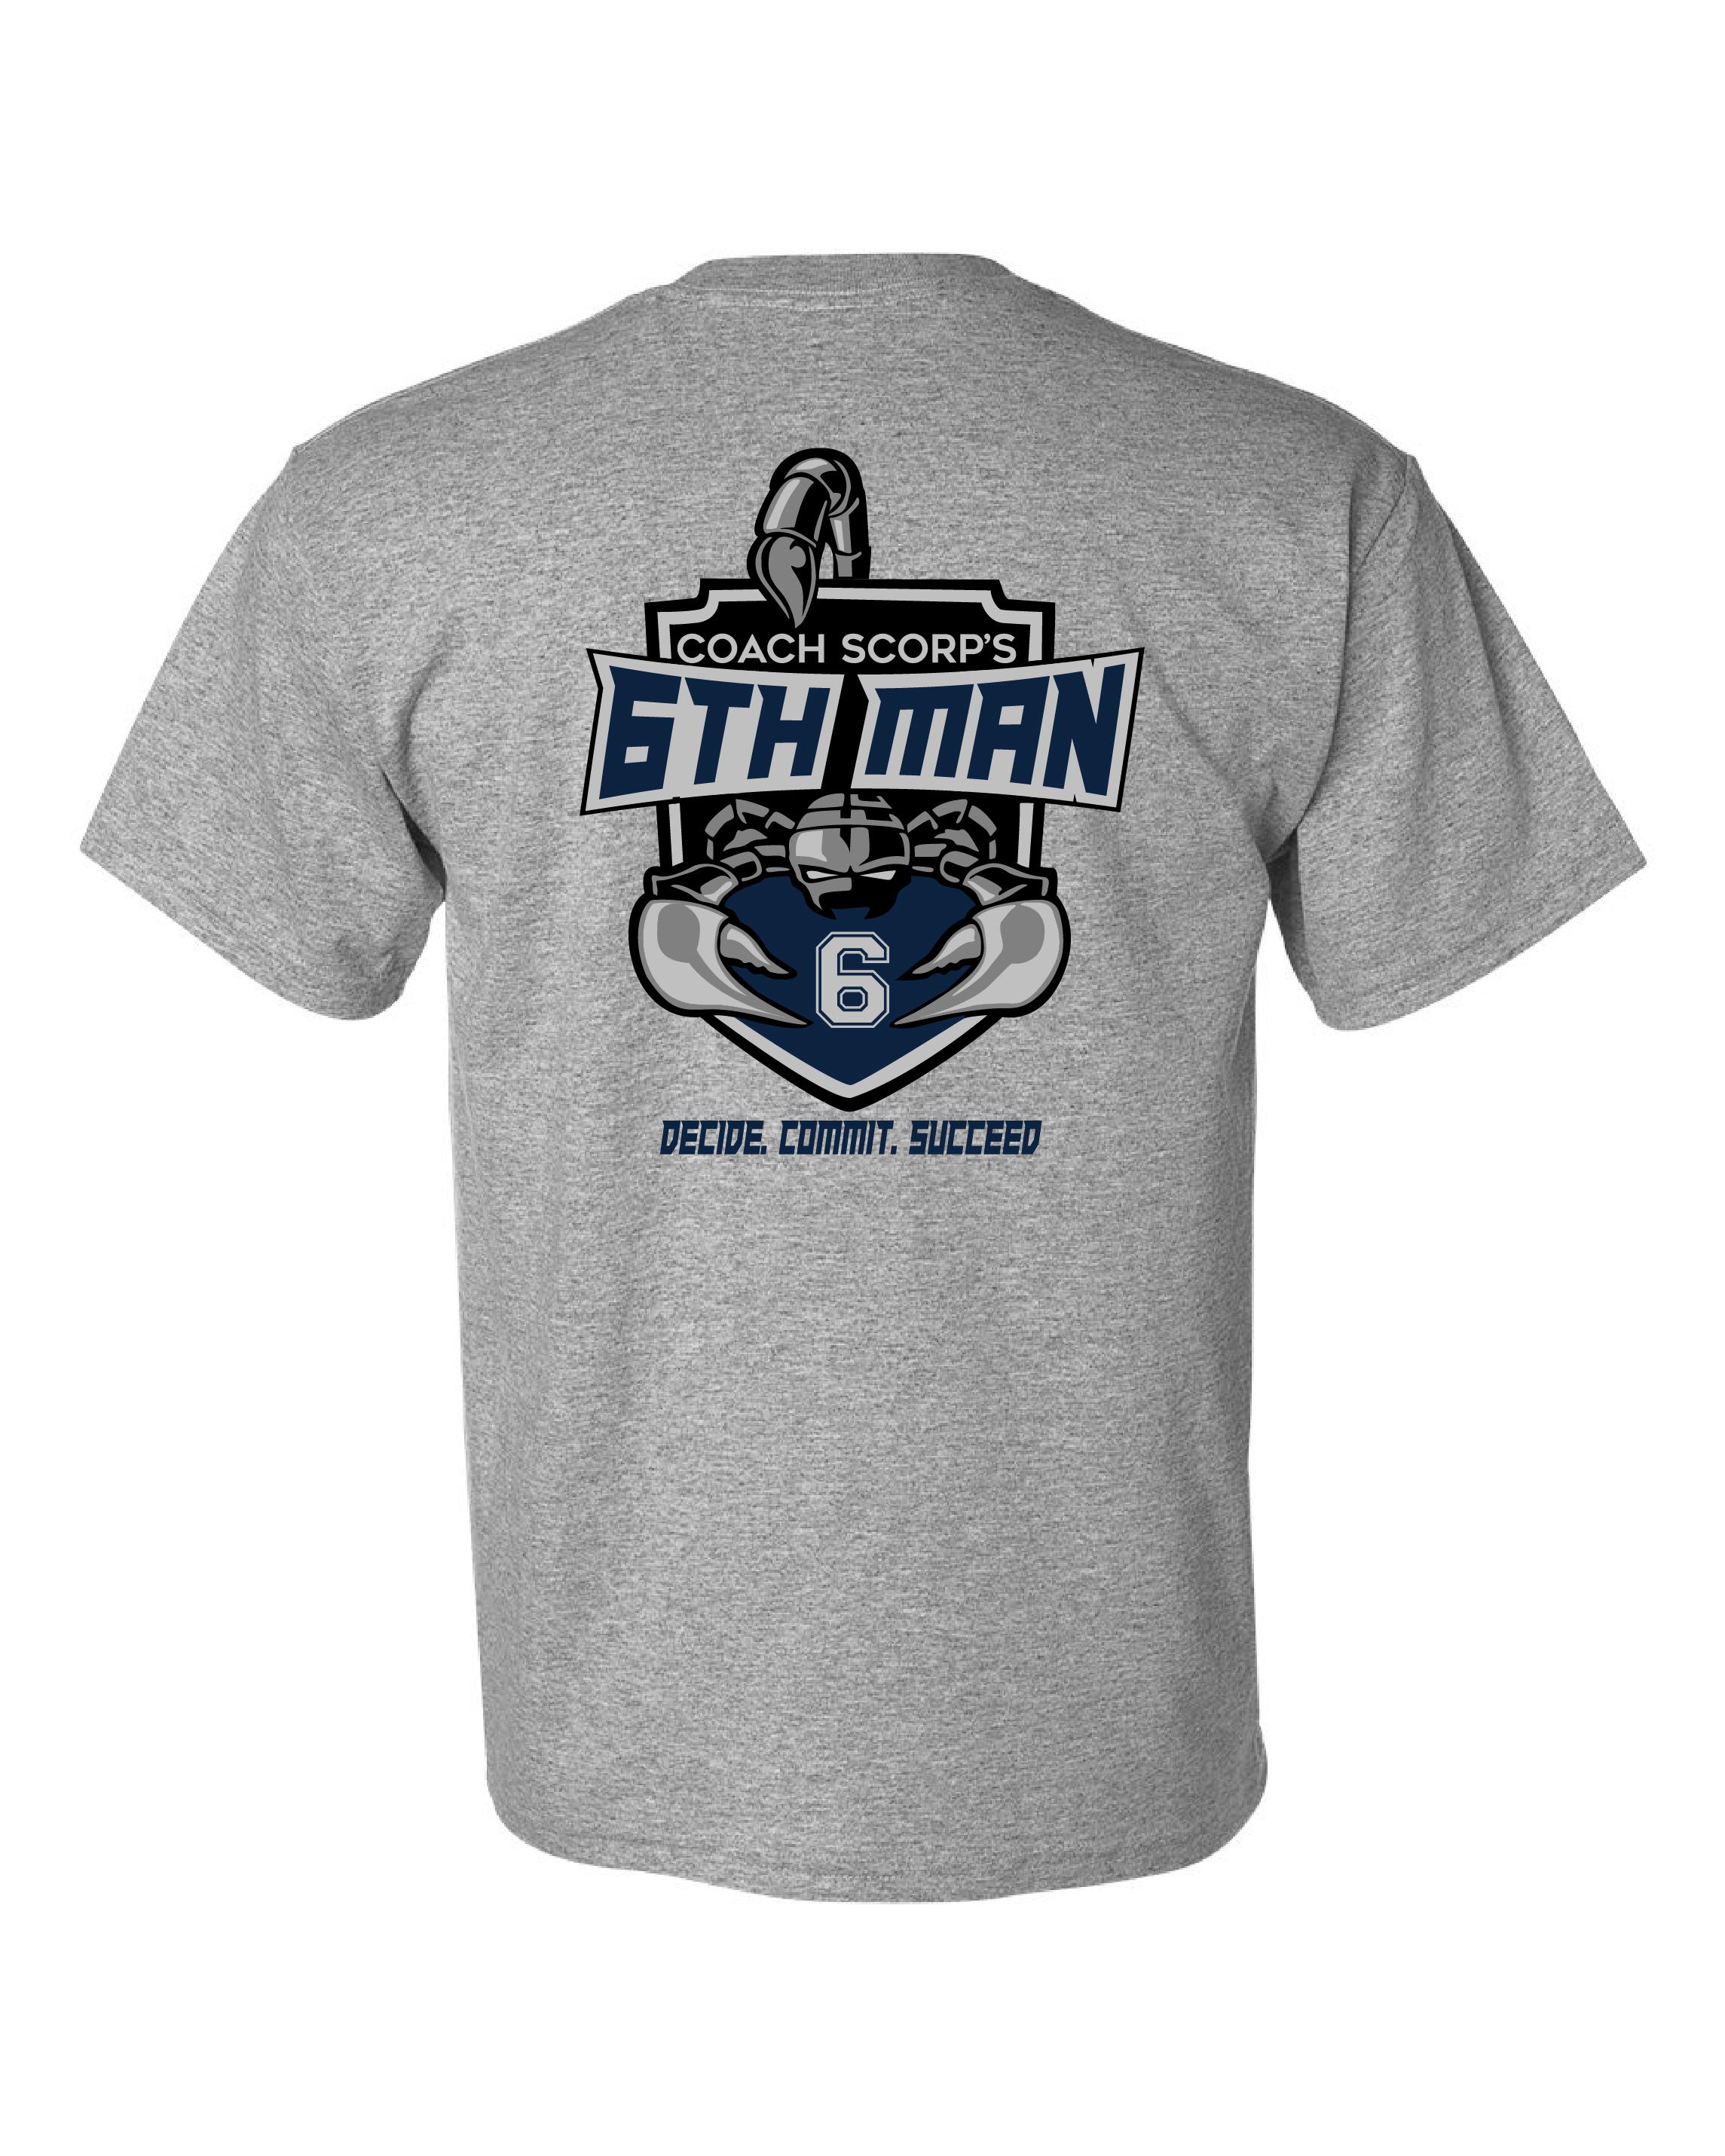 Gildan - DryBlend 50/50 T-Shirt - 6th Man 2 Color - No Flag